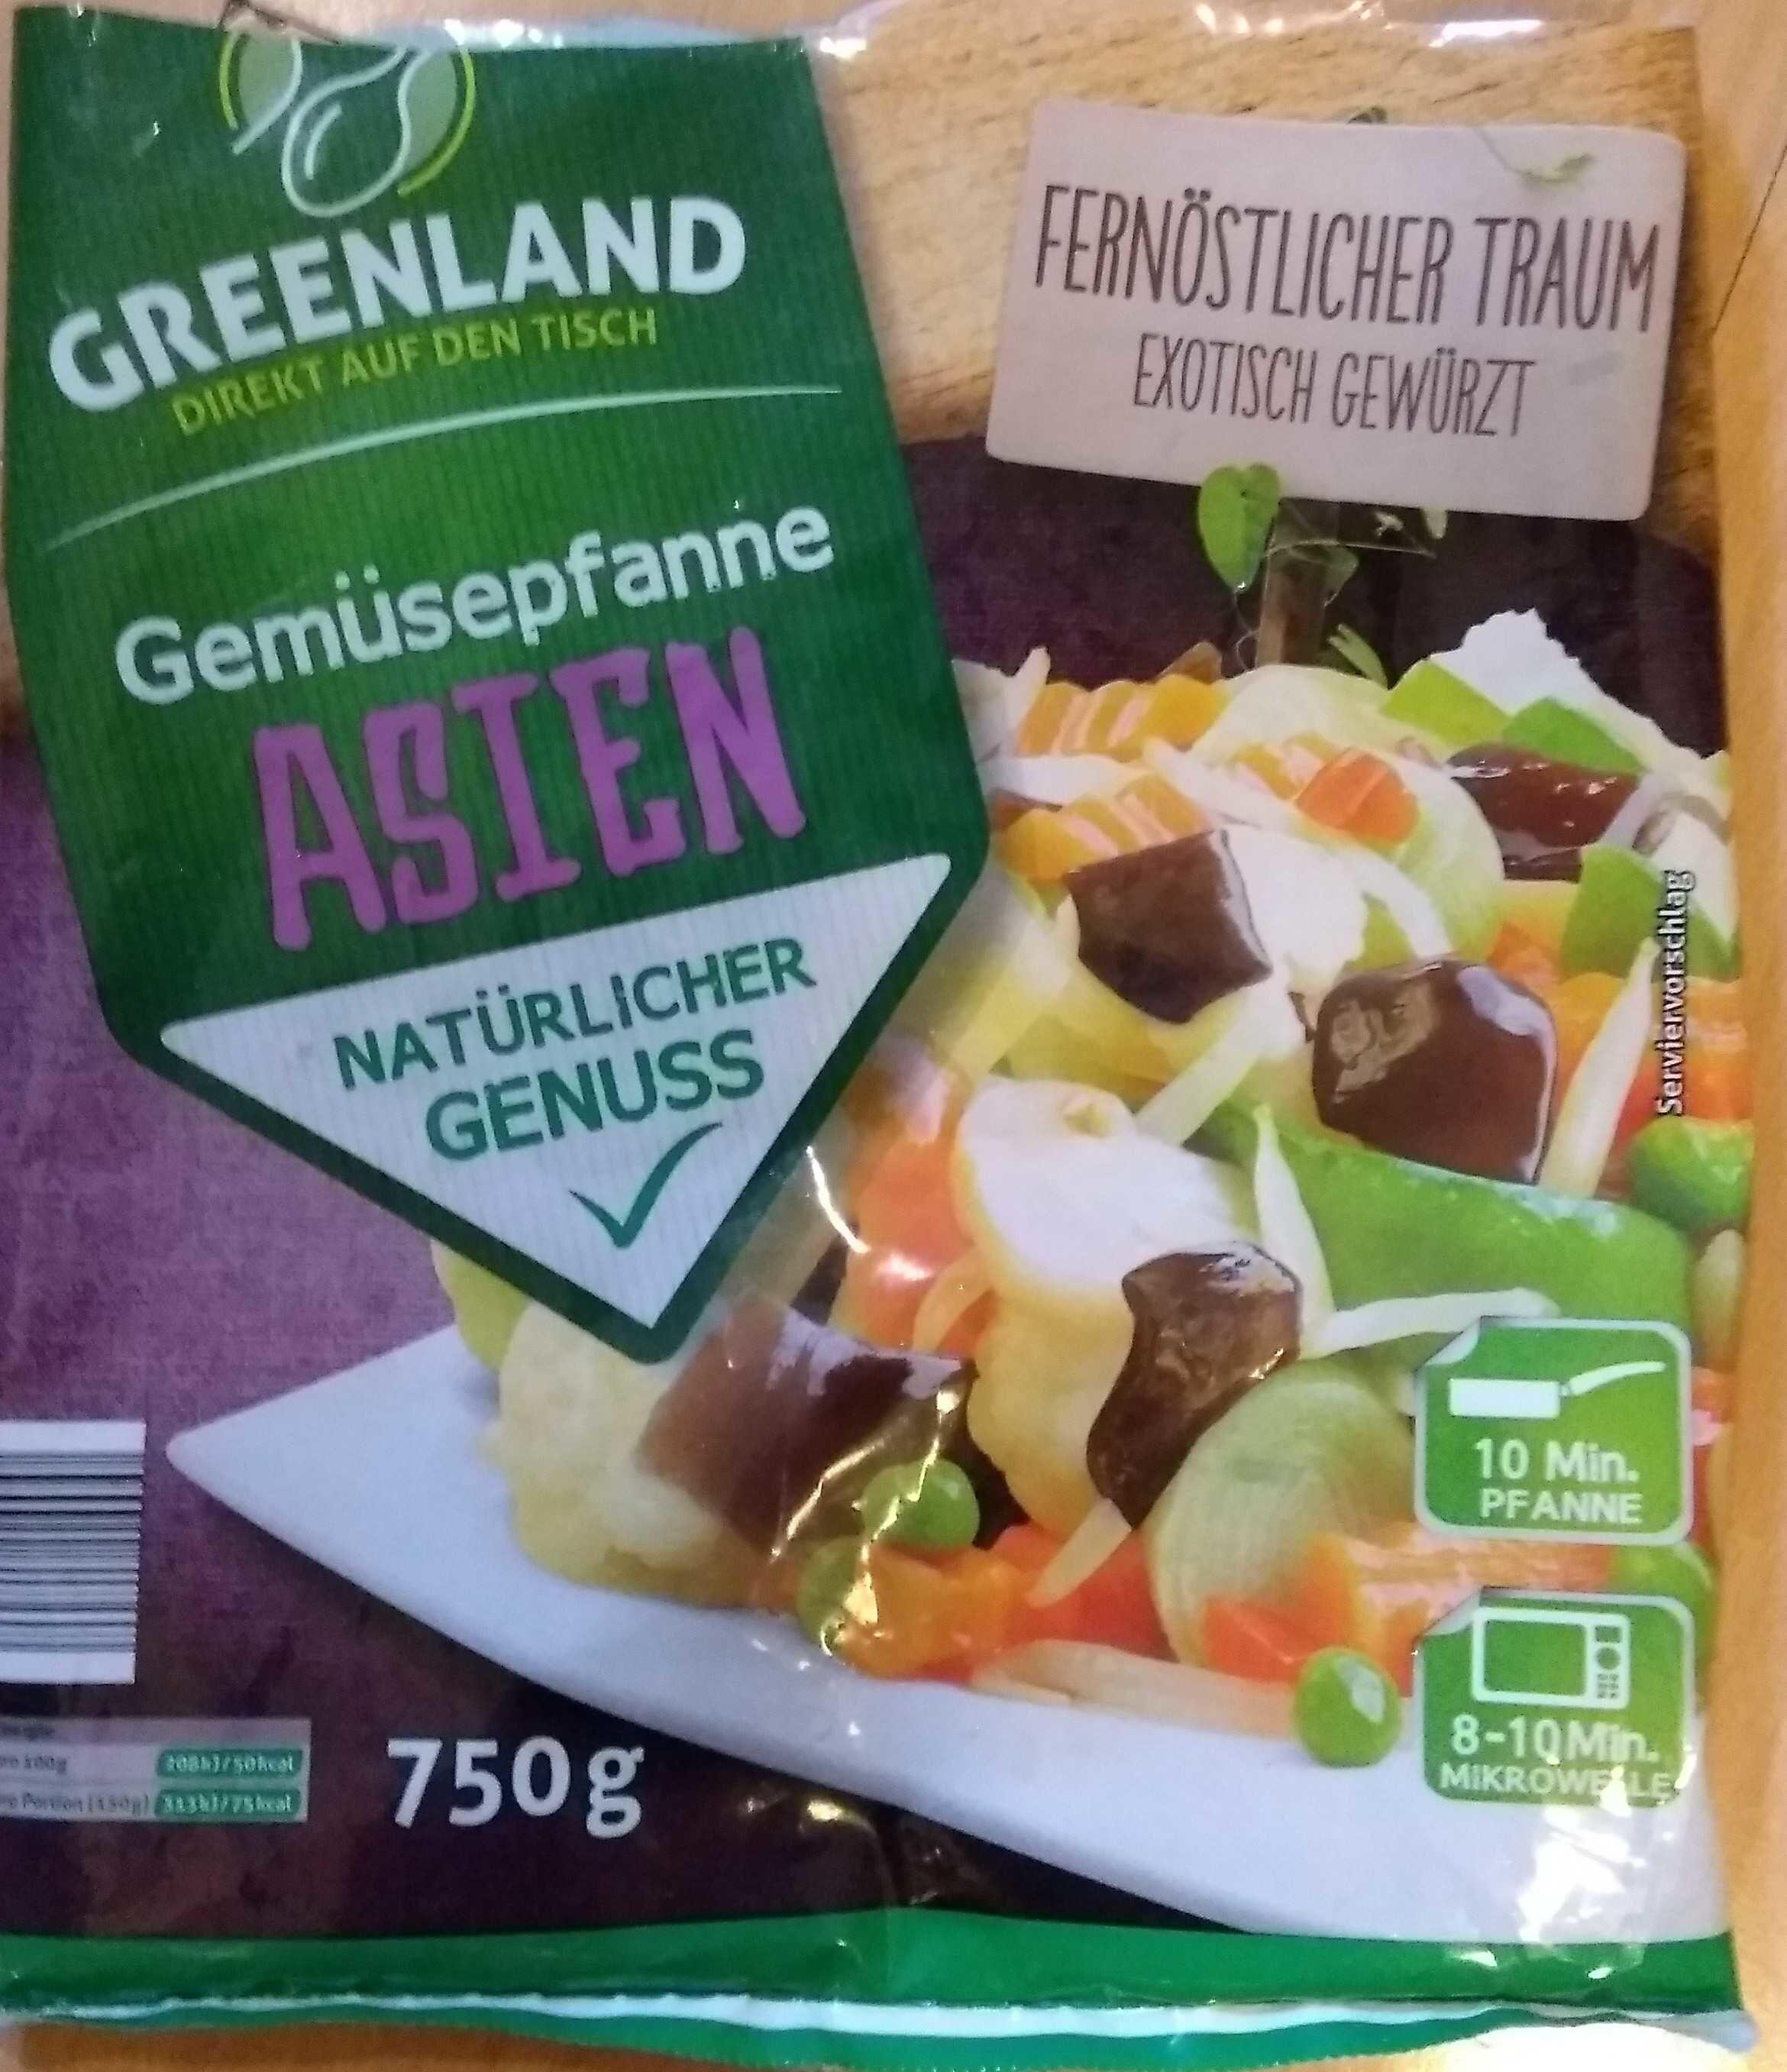 Gemüsepfanne Asien - Produkt